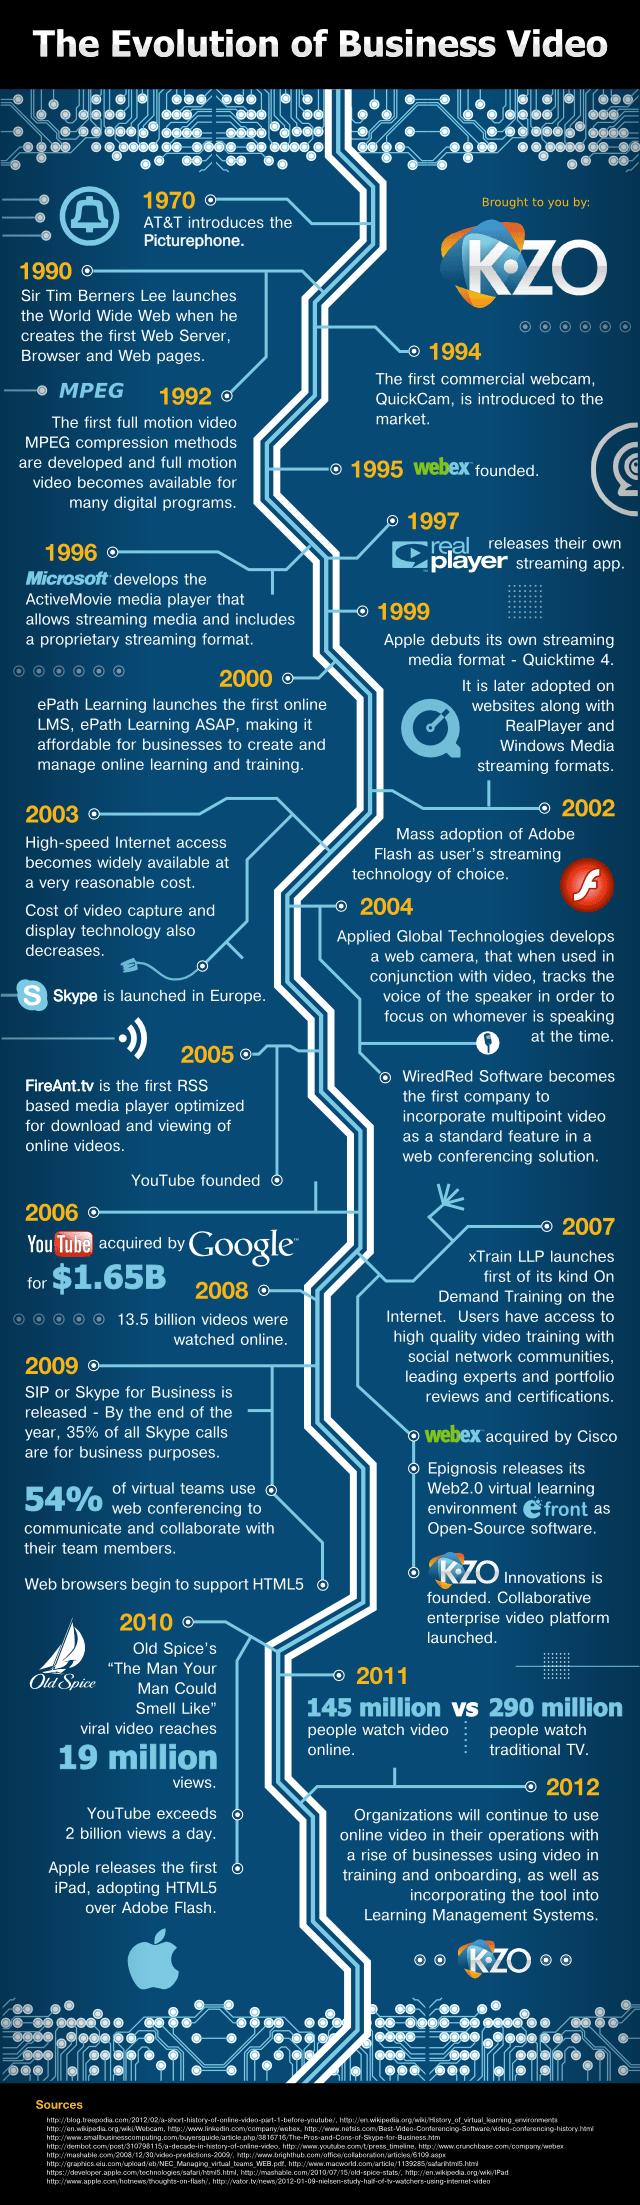 La evolución del vídeo para empresas